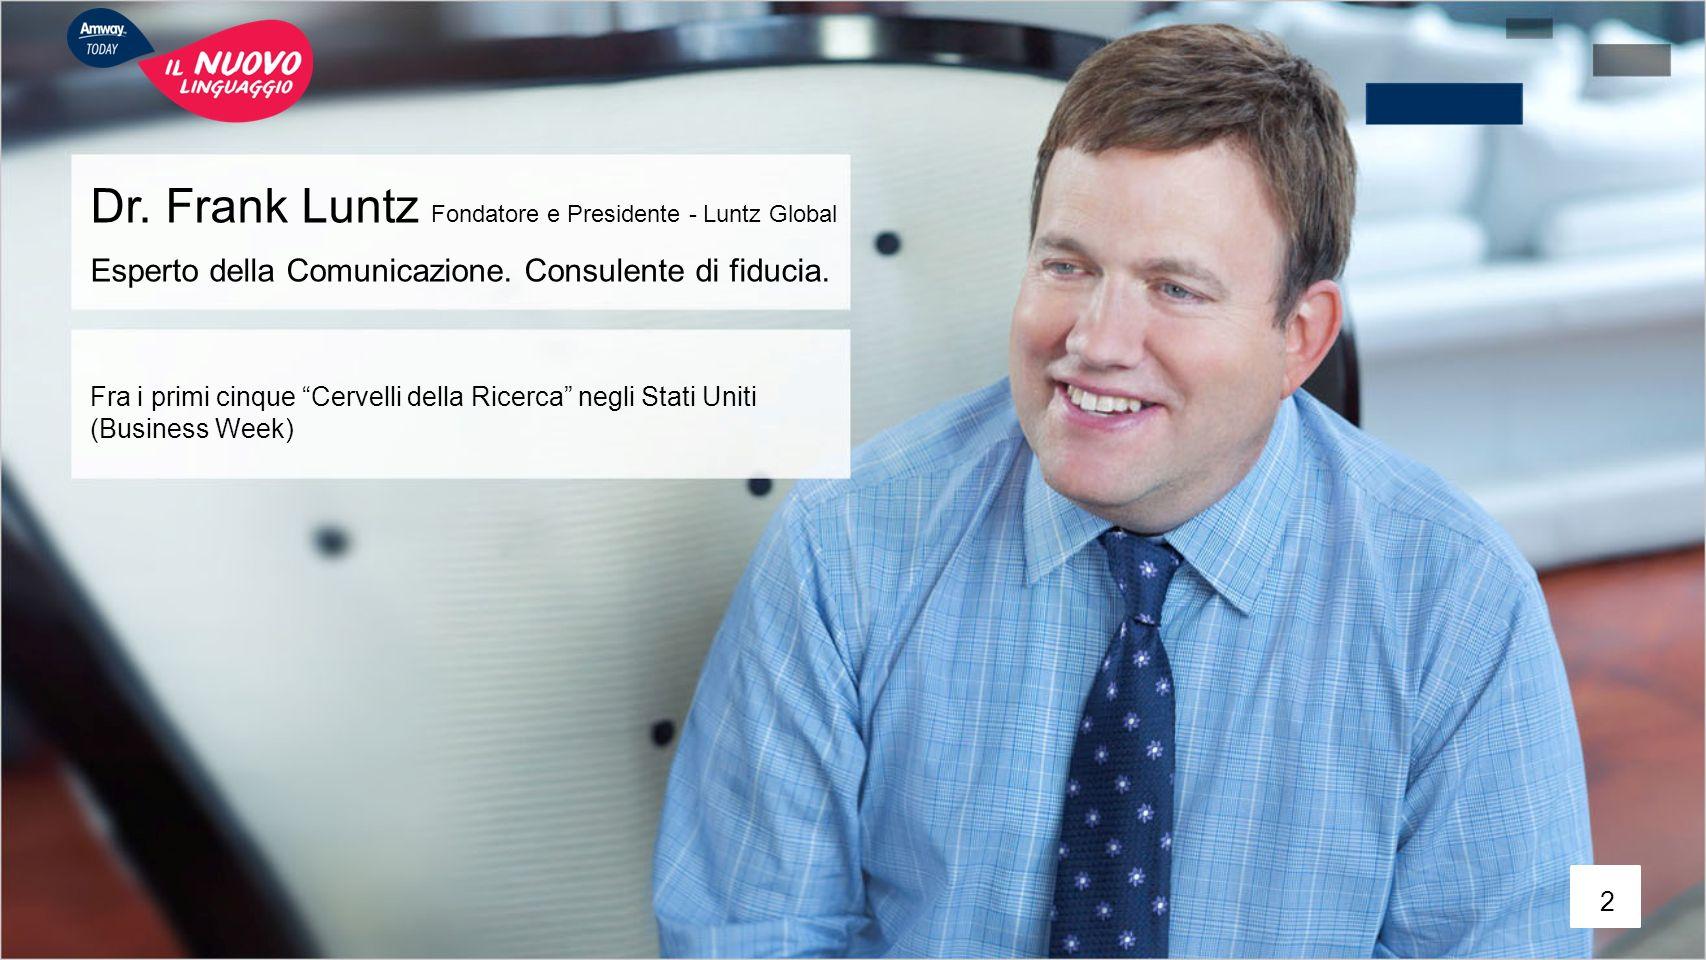 """Dr. Frank Luntz Fondatore e Presidente - Luntz Global Esperto della Comunicazione. Consulente di fiducia. Fra i primi cinque """"Cervelli della Ricerca"""""""